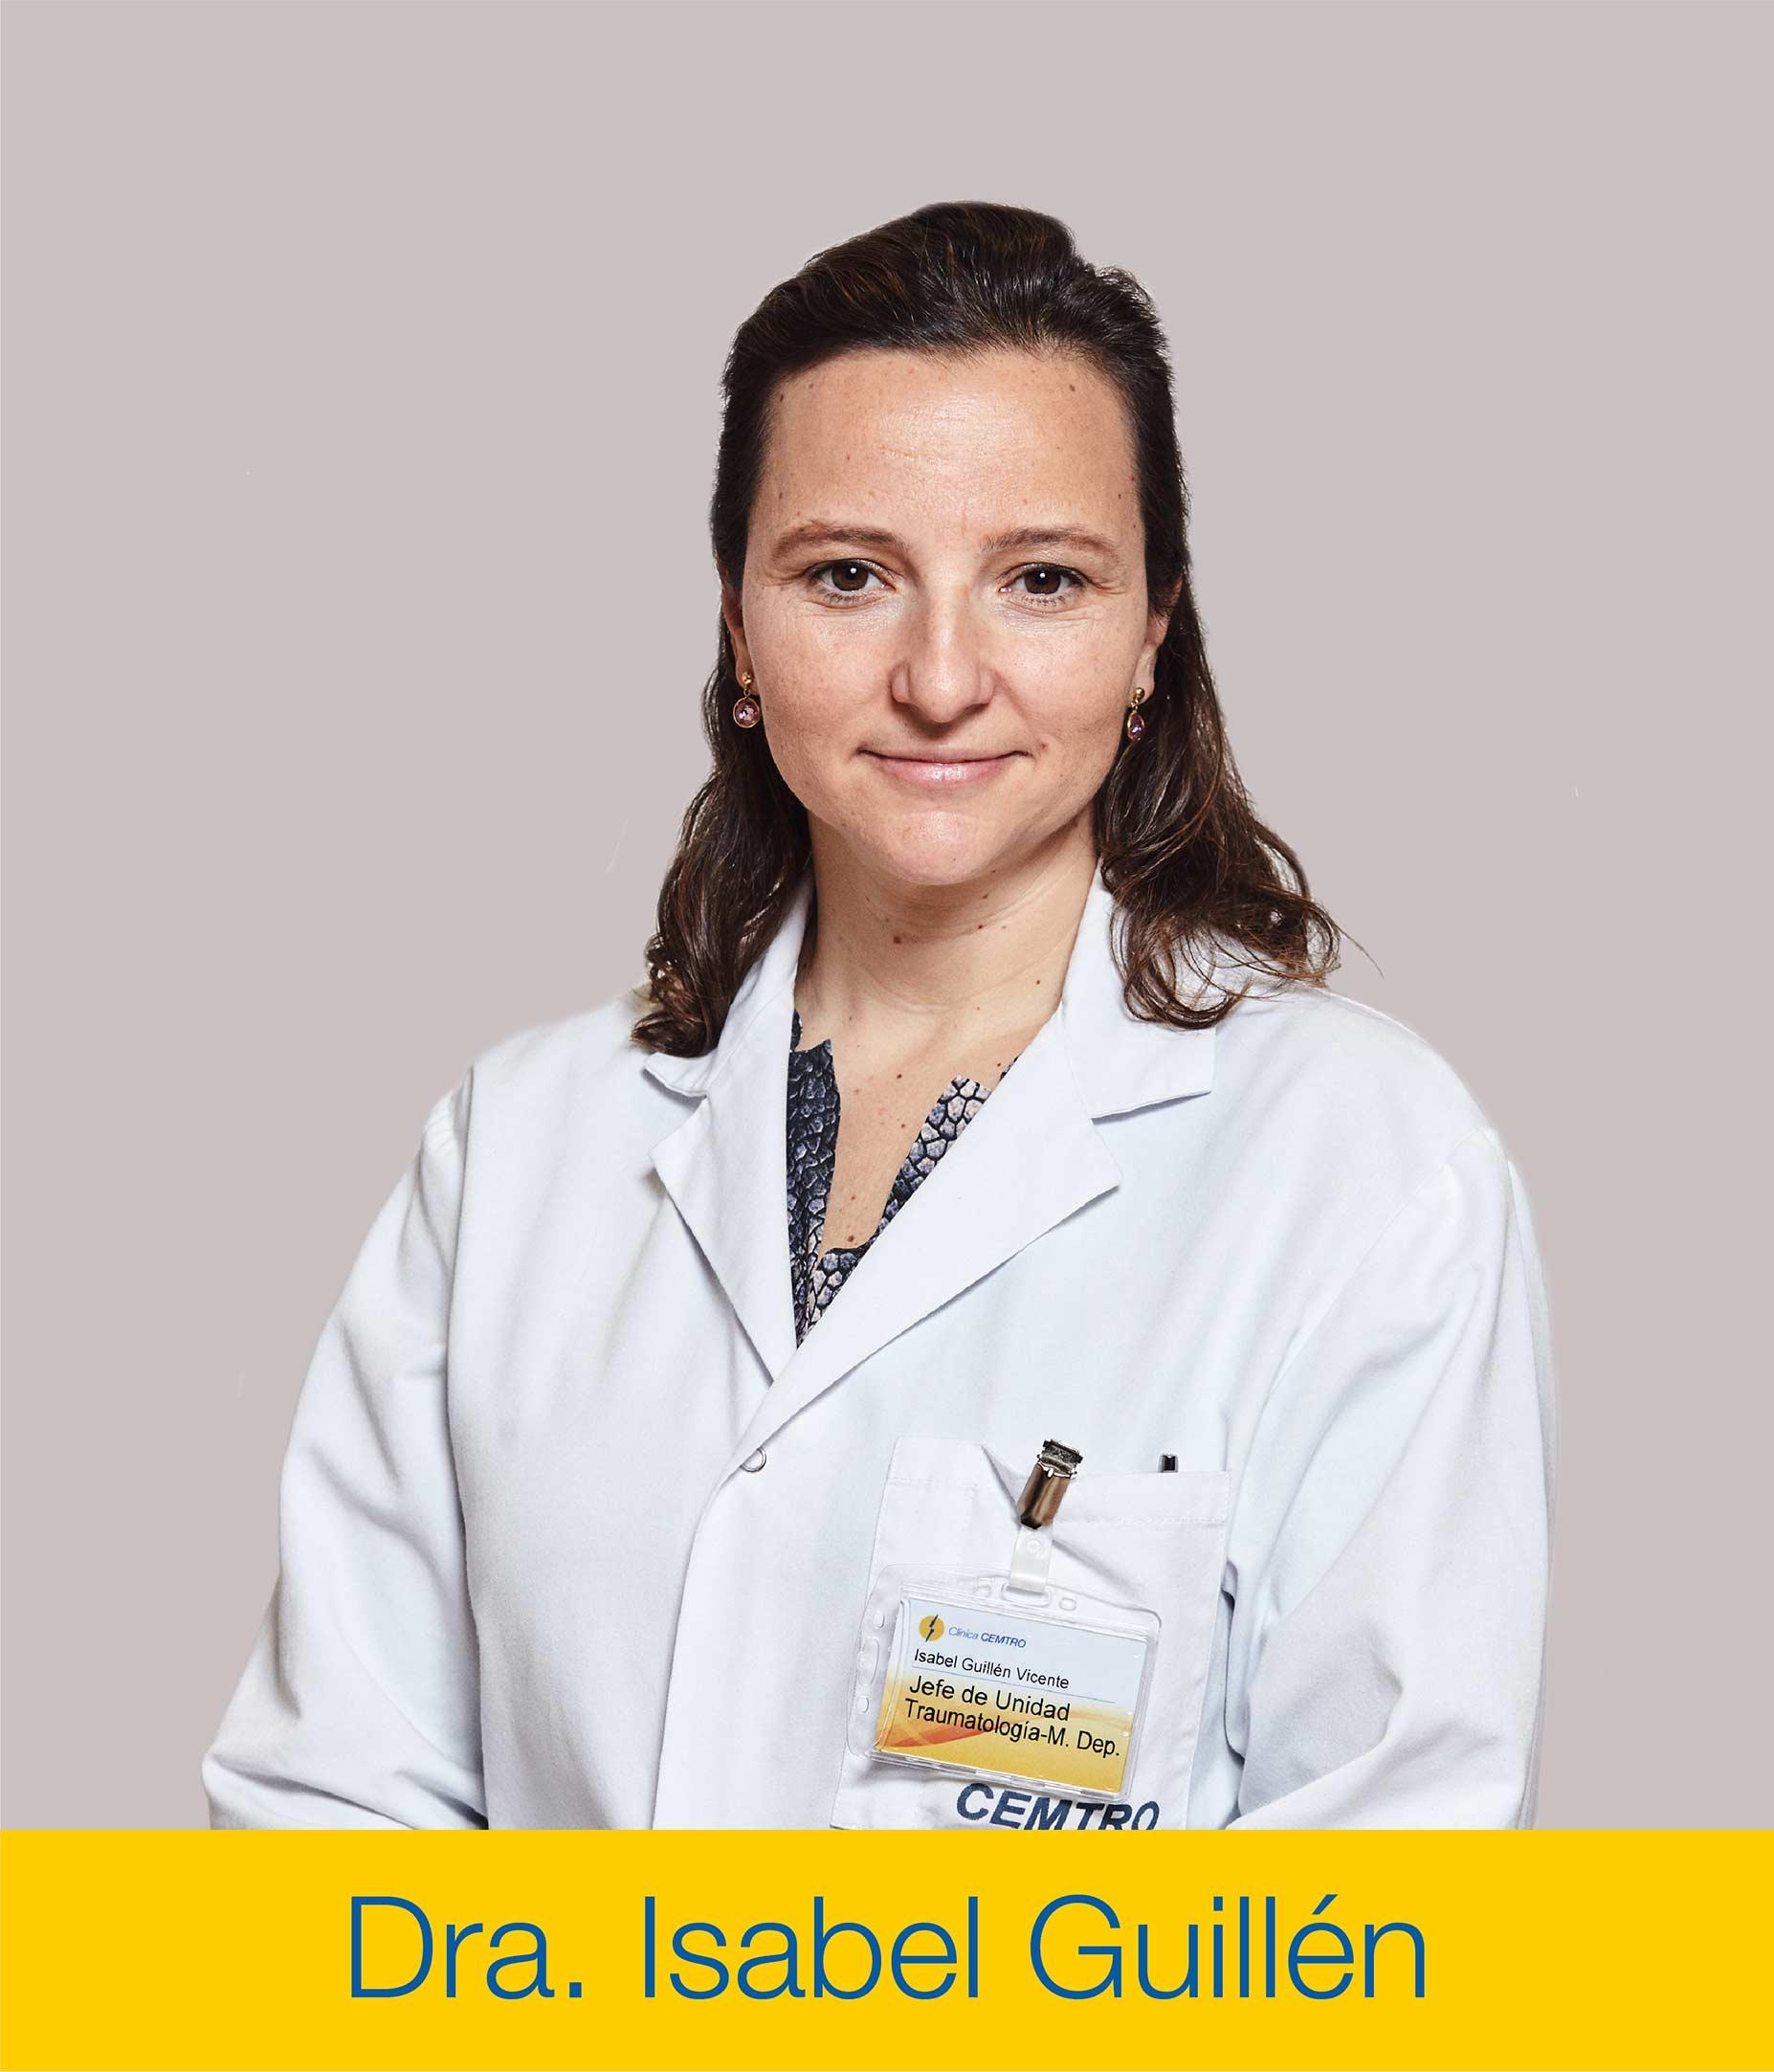 Dra Isabel Guillen Inestabilidad Tobillo